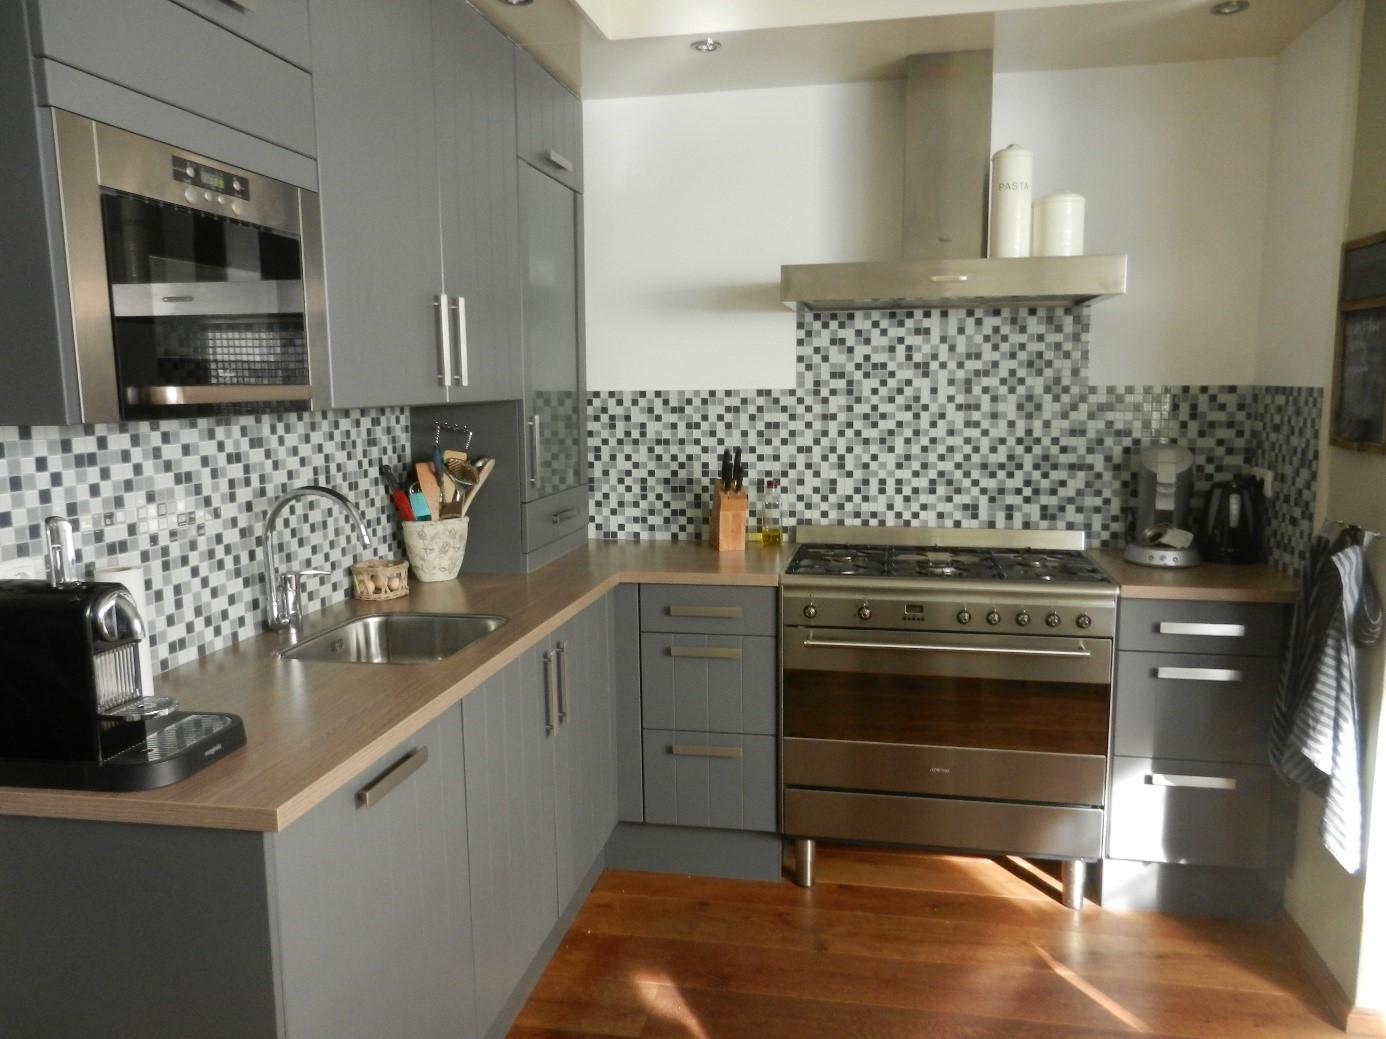 keukens-nieuwbouw-renovatie-onderhoud-loodgieter-berkel